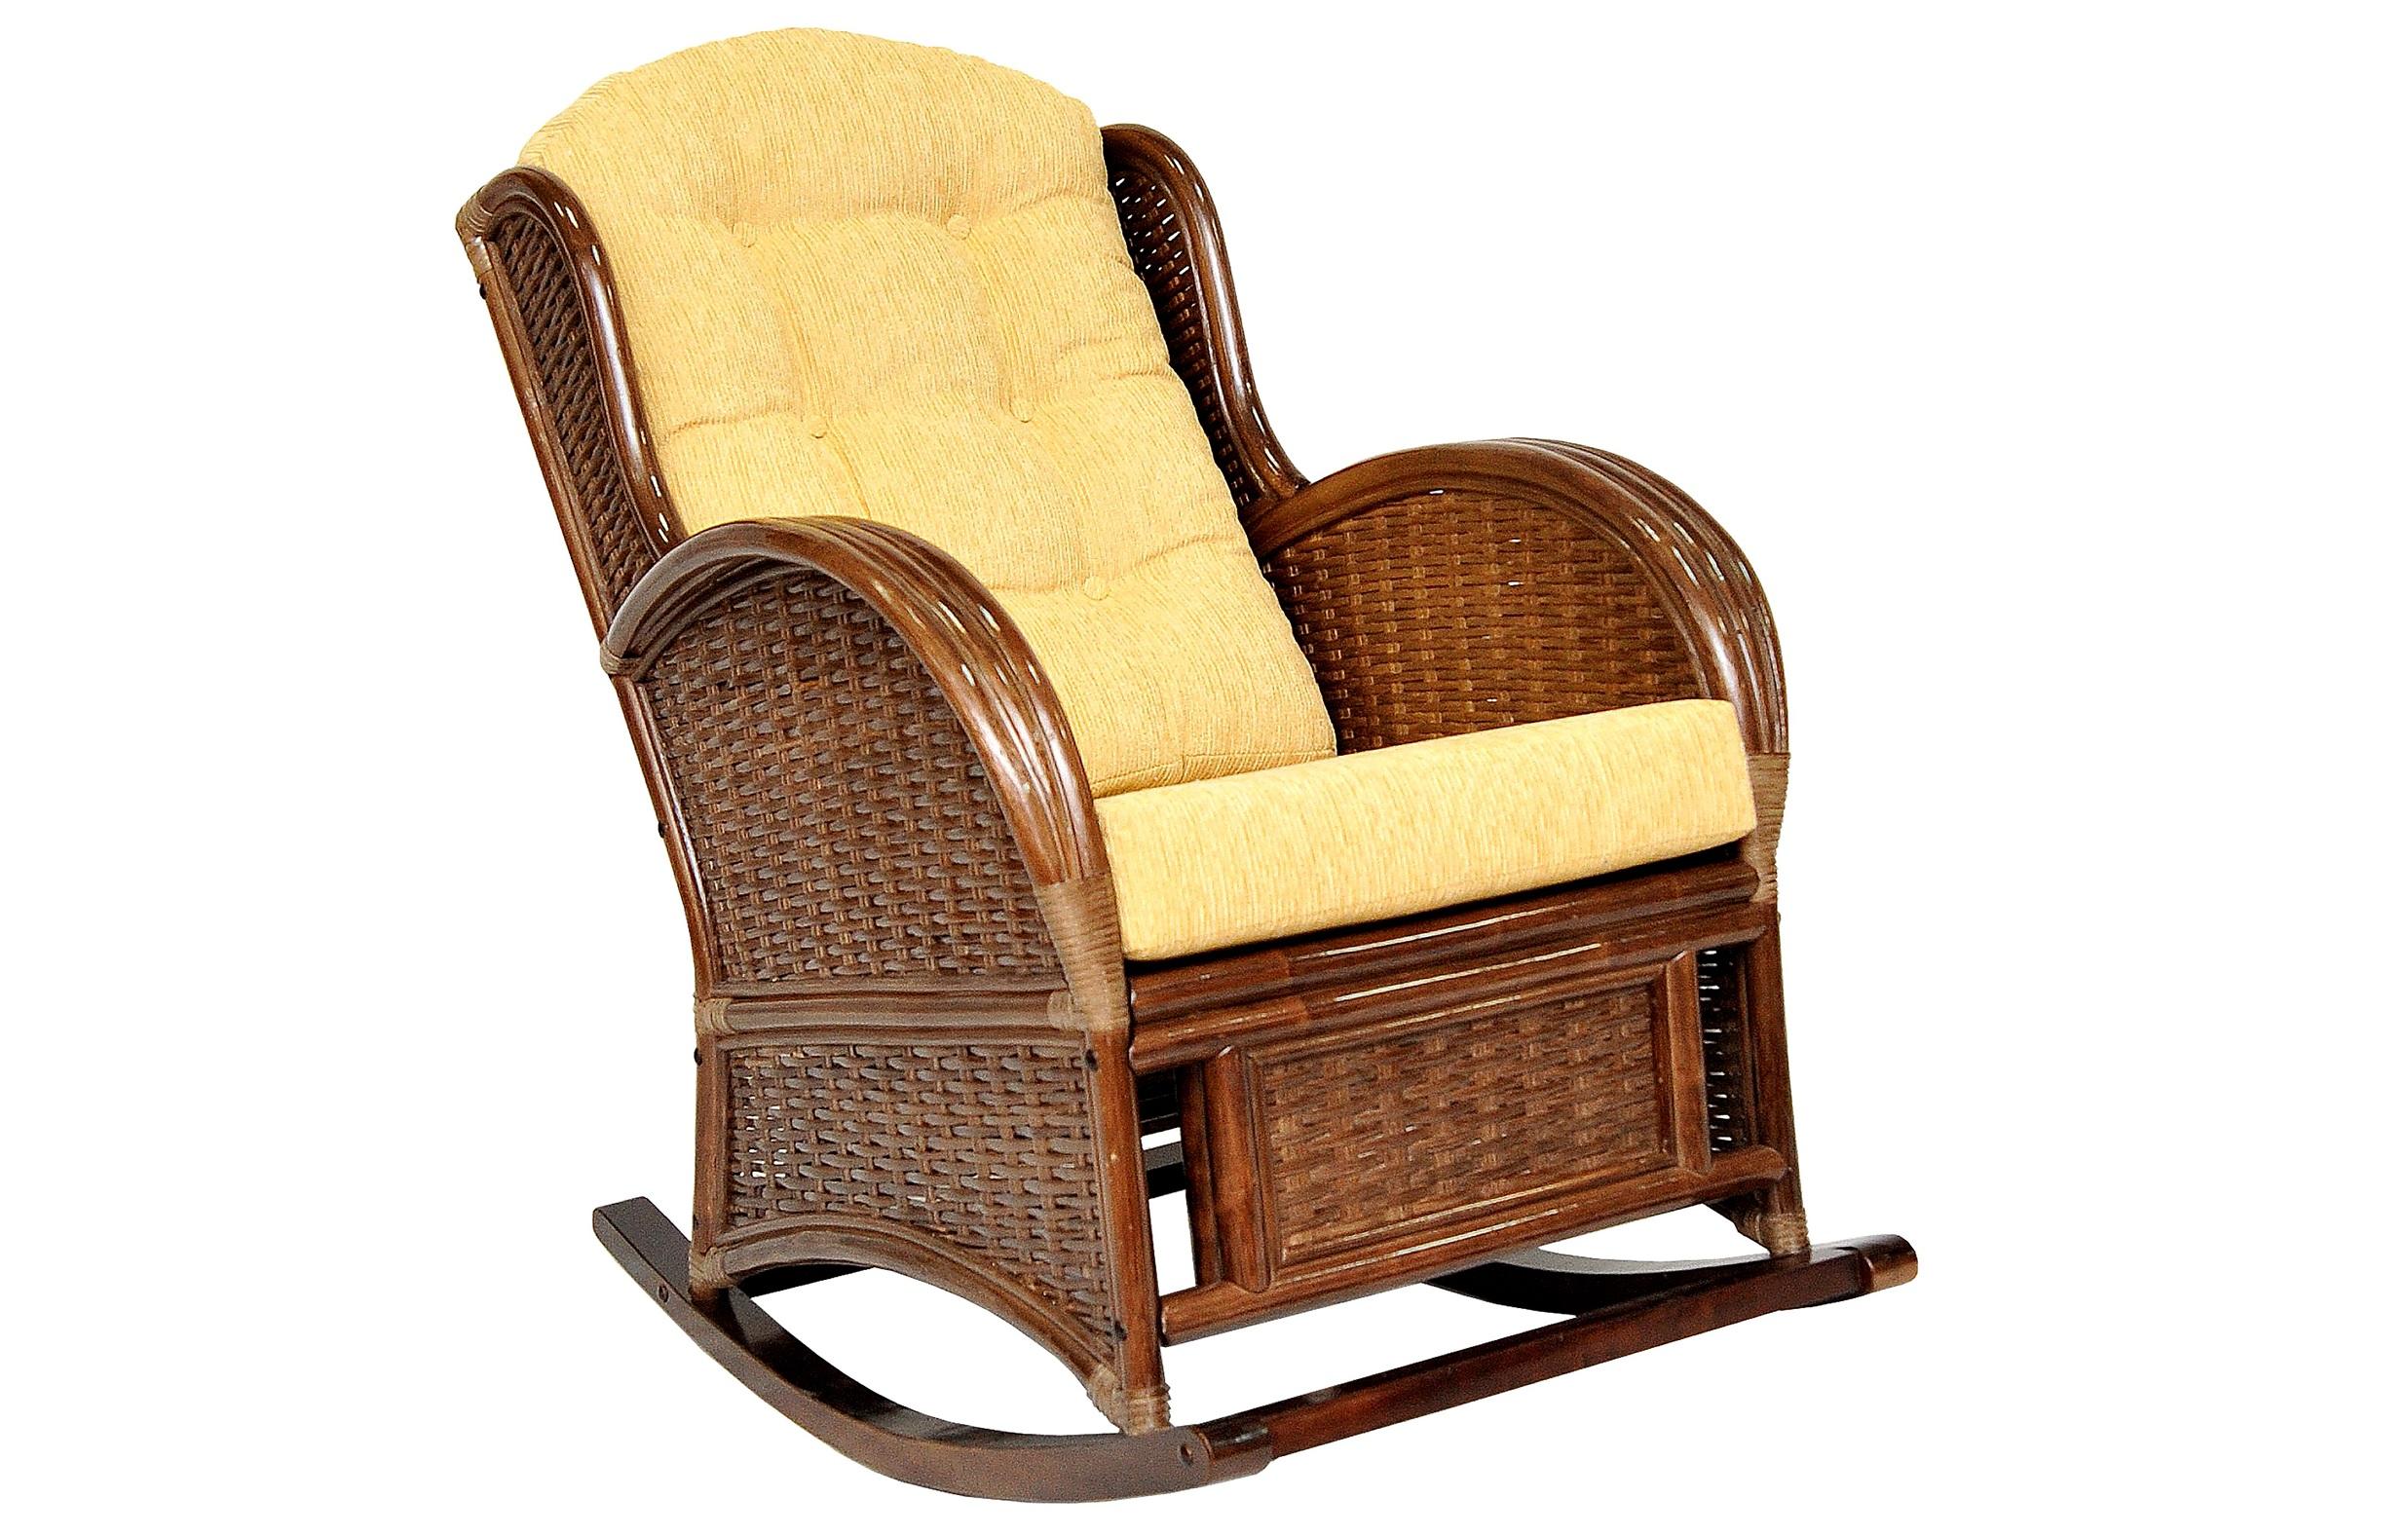 Кресло-качалка Wing-RКресла-качалки<br>Подлокотники кресла выполнены из соединенных между собой трех стволов ротанга. Боковины и спинку украшает оригинальное плетение из расщепленного ротанга.&amp;lt;div&amp;gt;&amp;lt;br&amp;gt;&amp;lt;/div&amp;gt;&amp;lt;div&amp;gt;Материал каркаса: натуральный ротанг.&amp;lt;/div&amp;gt;&amp;lt;div&amp;gt;Материал подушки: шенилл.&amp;lt;/div&amp;gt;&amp;lt;div&amp;gt;Особенности:  сборно-разборная, полозья – дерево махагони.&amp;lt;/div&amp;gt;&amp;lt;div&amp;gt;Выдерживаемая нагрузка:  120 кг.&amp;lt;/div&amp;gt;<br><br>Material: Ротанг<br>Width см: 74<br>Depth см: 110<br>Height см: 102